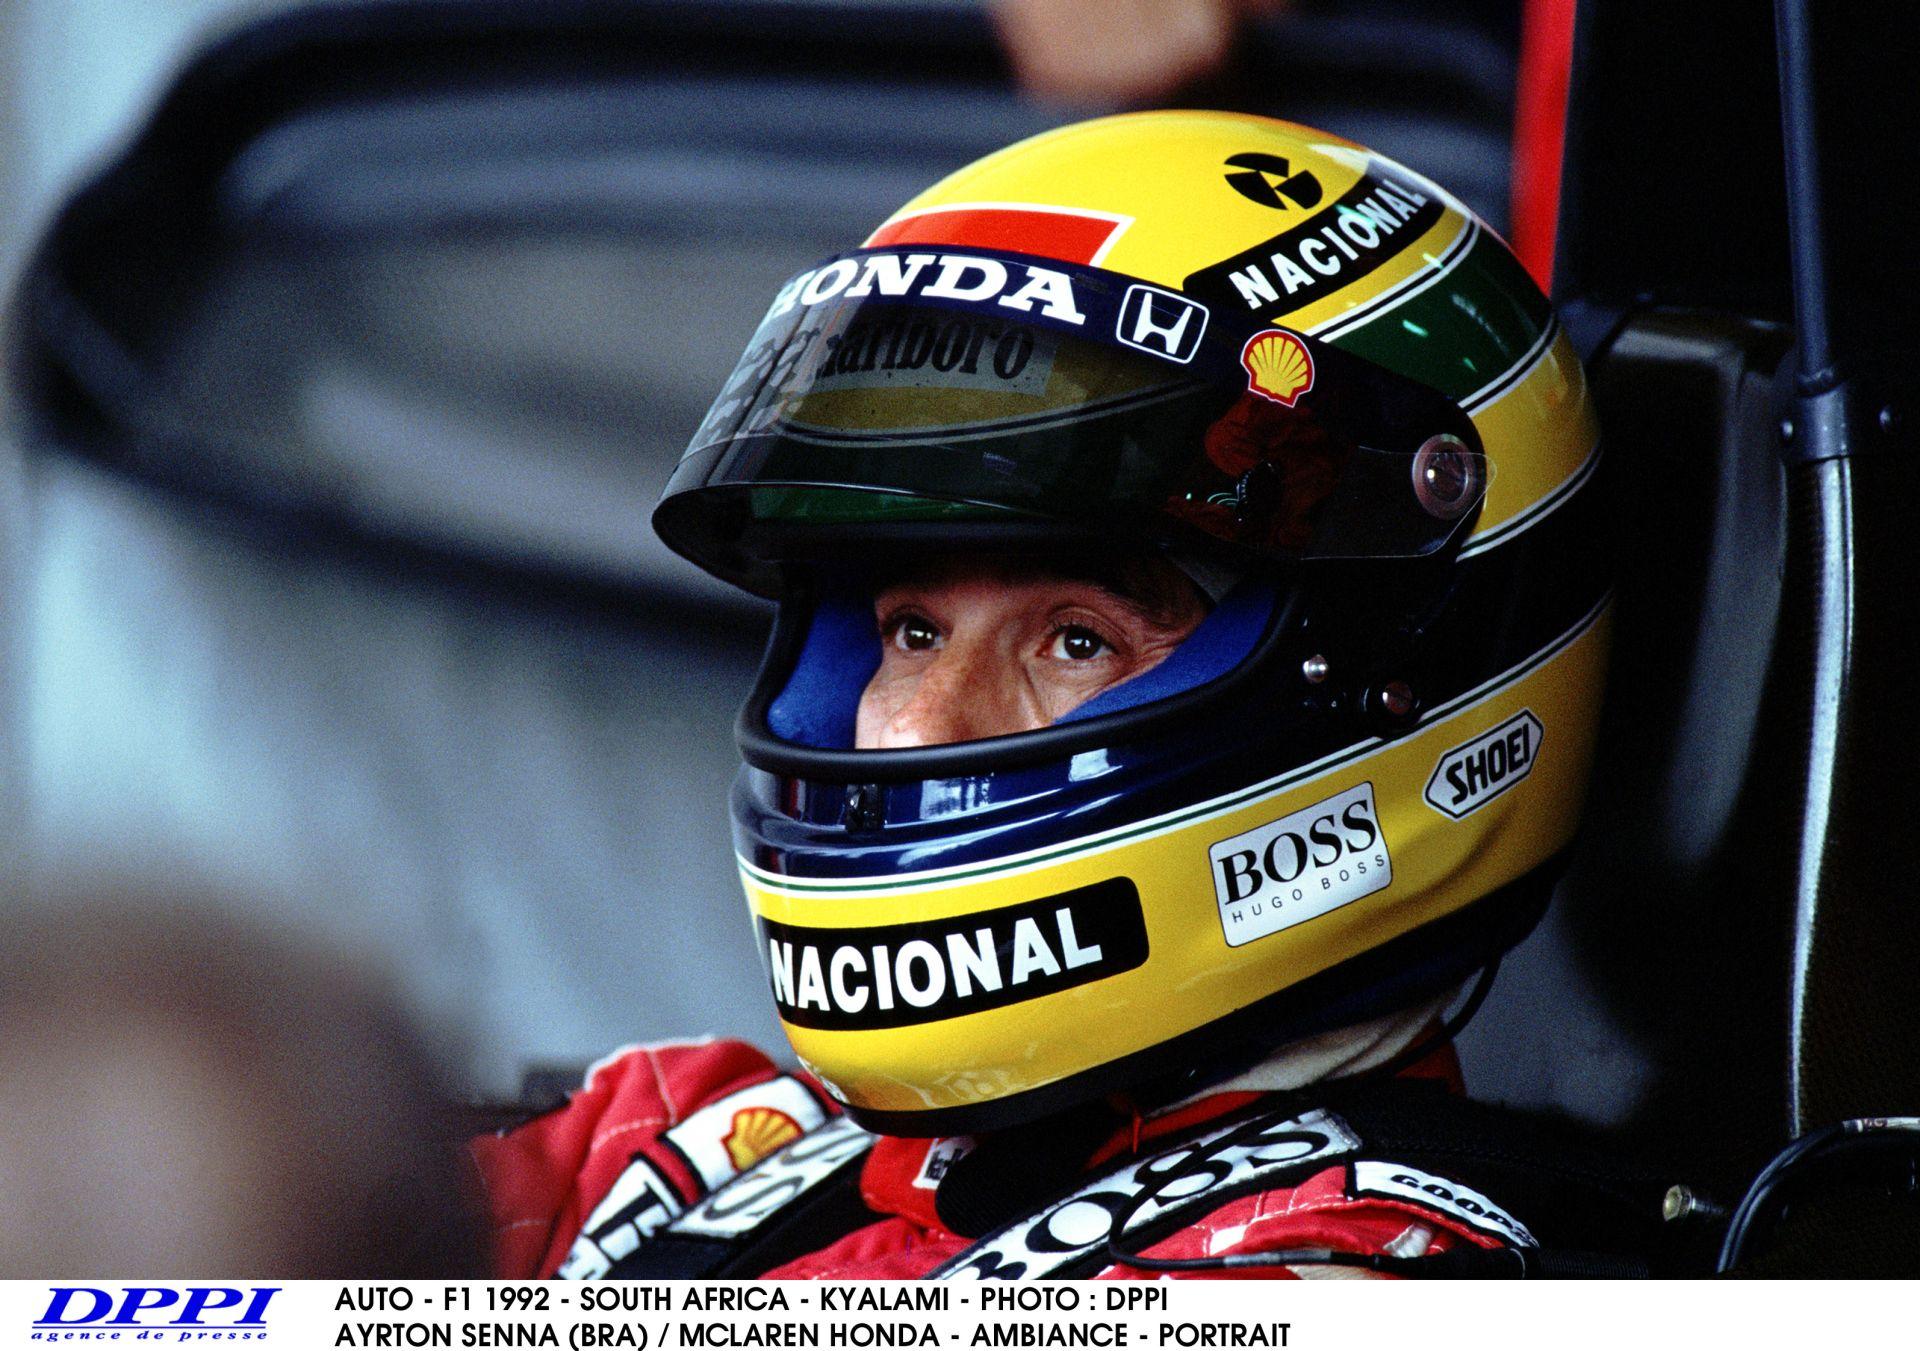 Már több mint 1,2 millióan látták: Senna és a McLaren-Honda